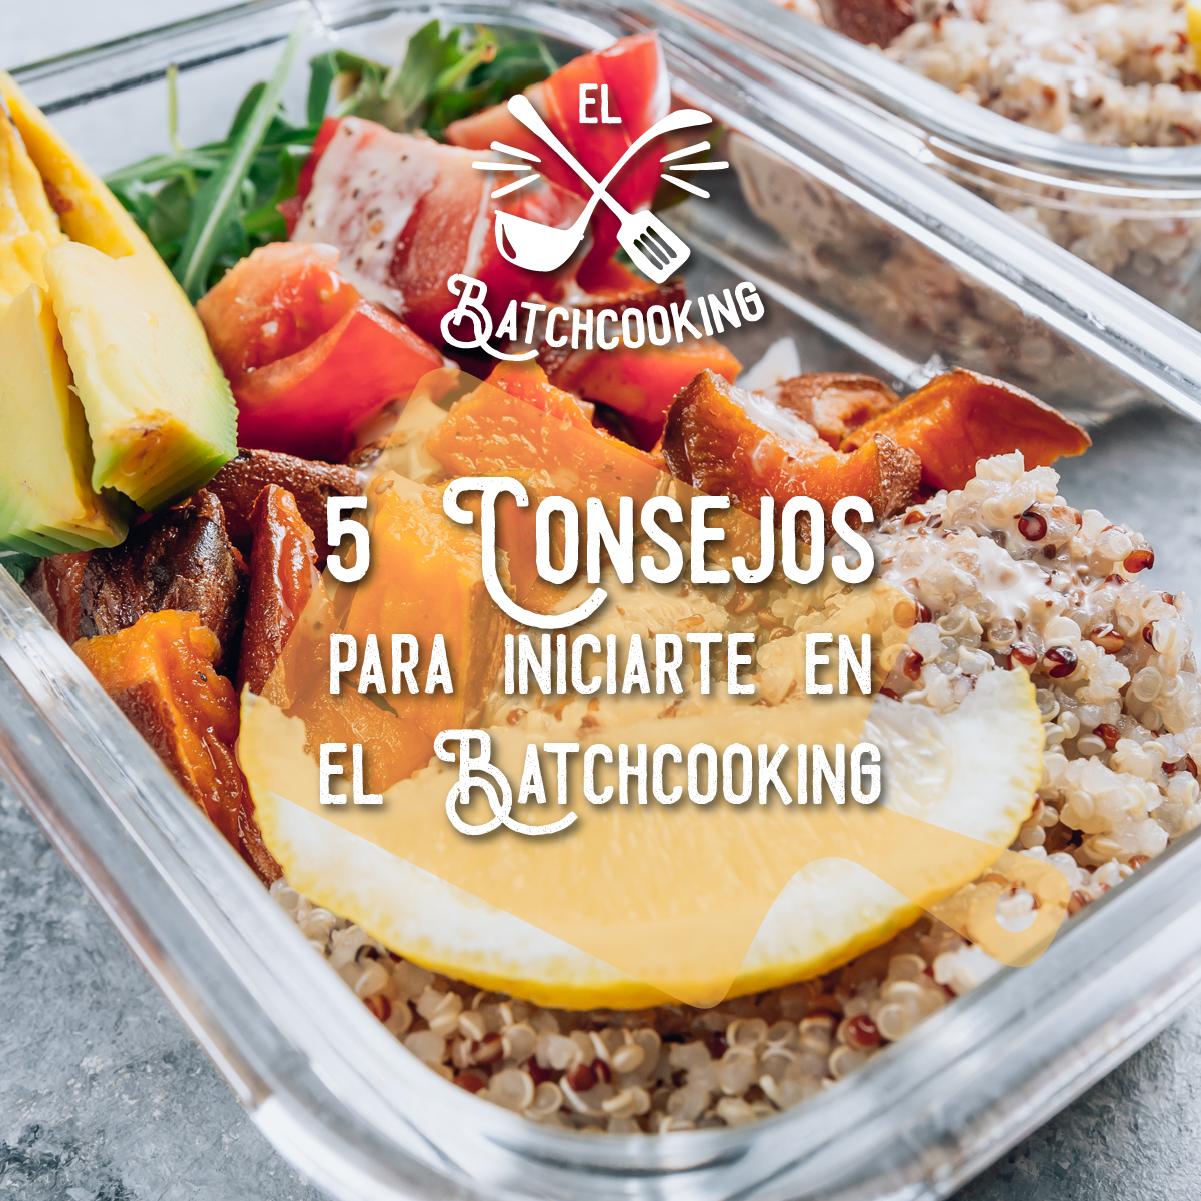 Descubre nuestros 5 consejos para preparar tus comidas utilizando la metodología Batchcooking